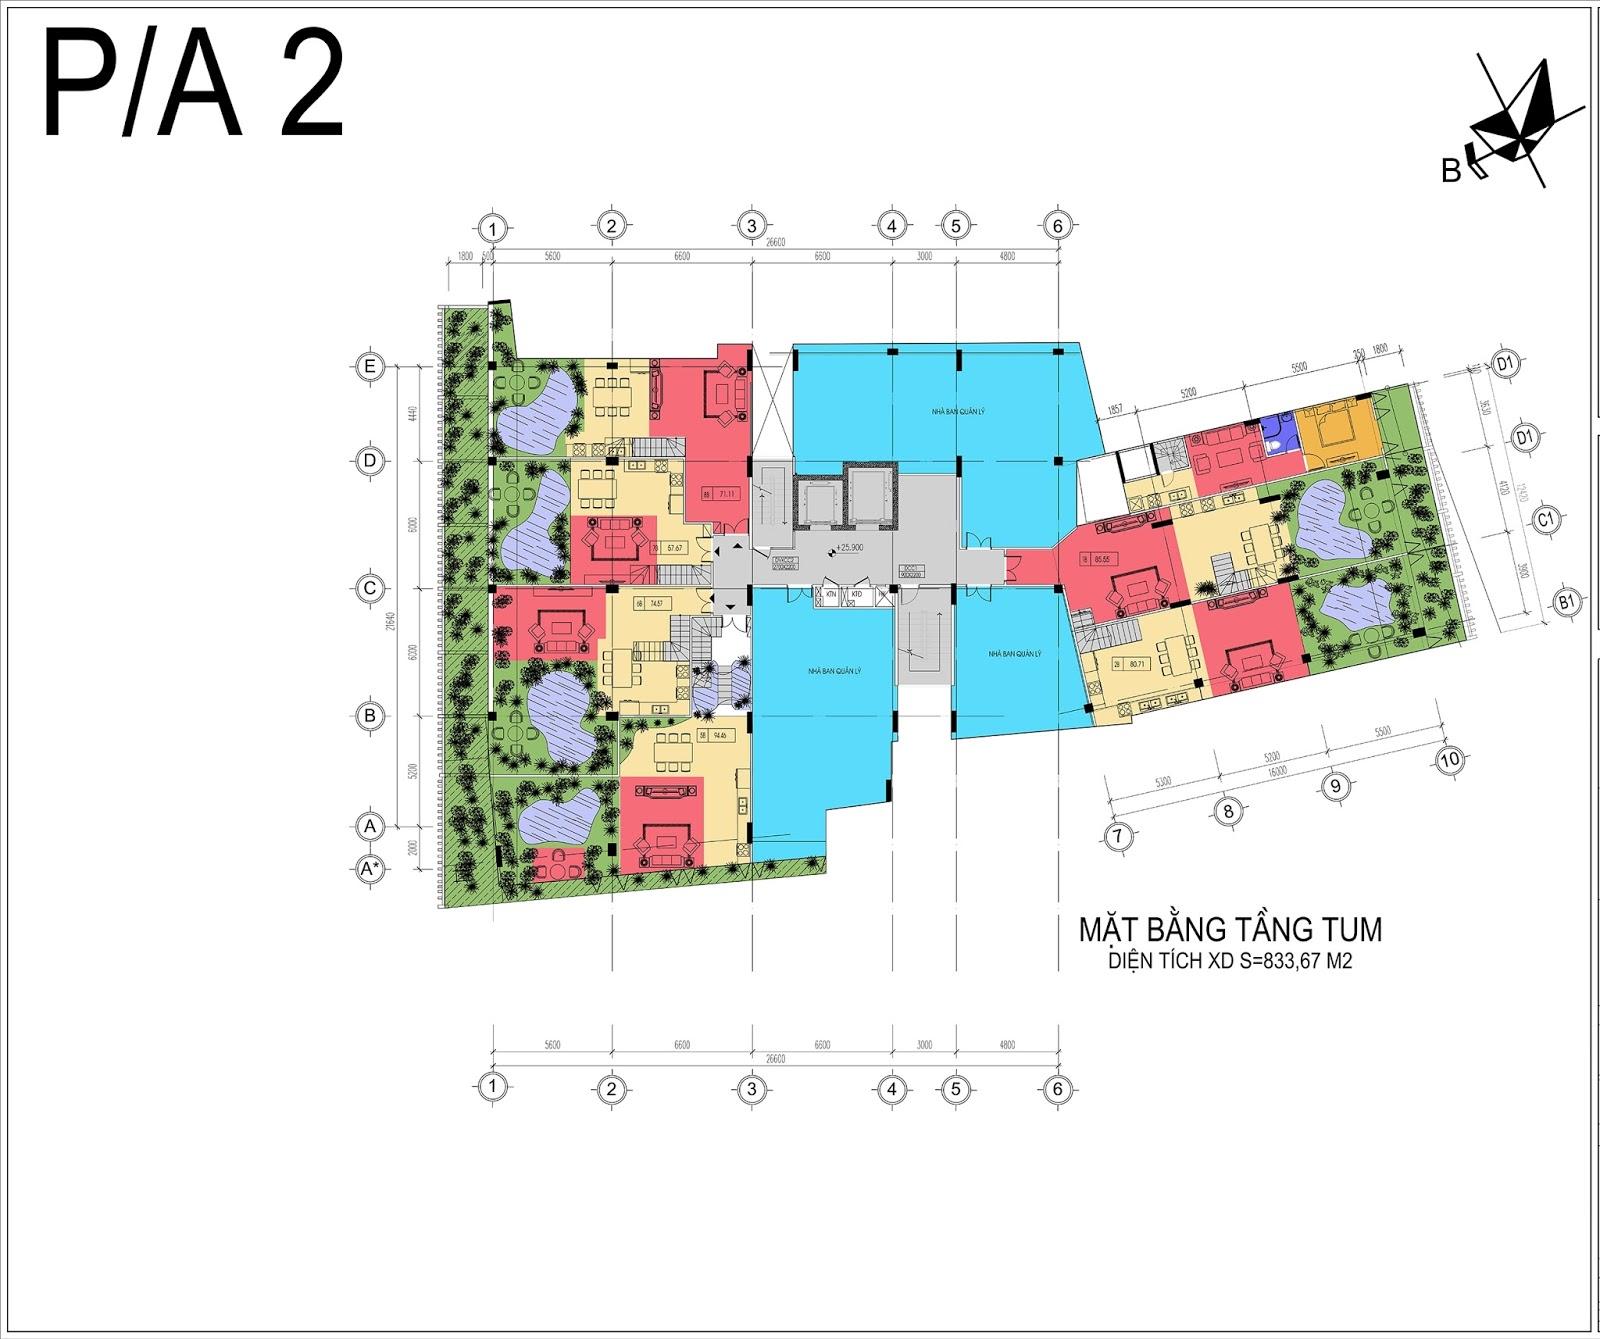 Mặt bằng tầng tum dự án Núi Trúc Square